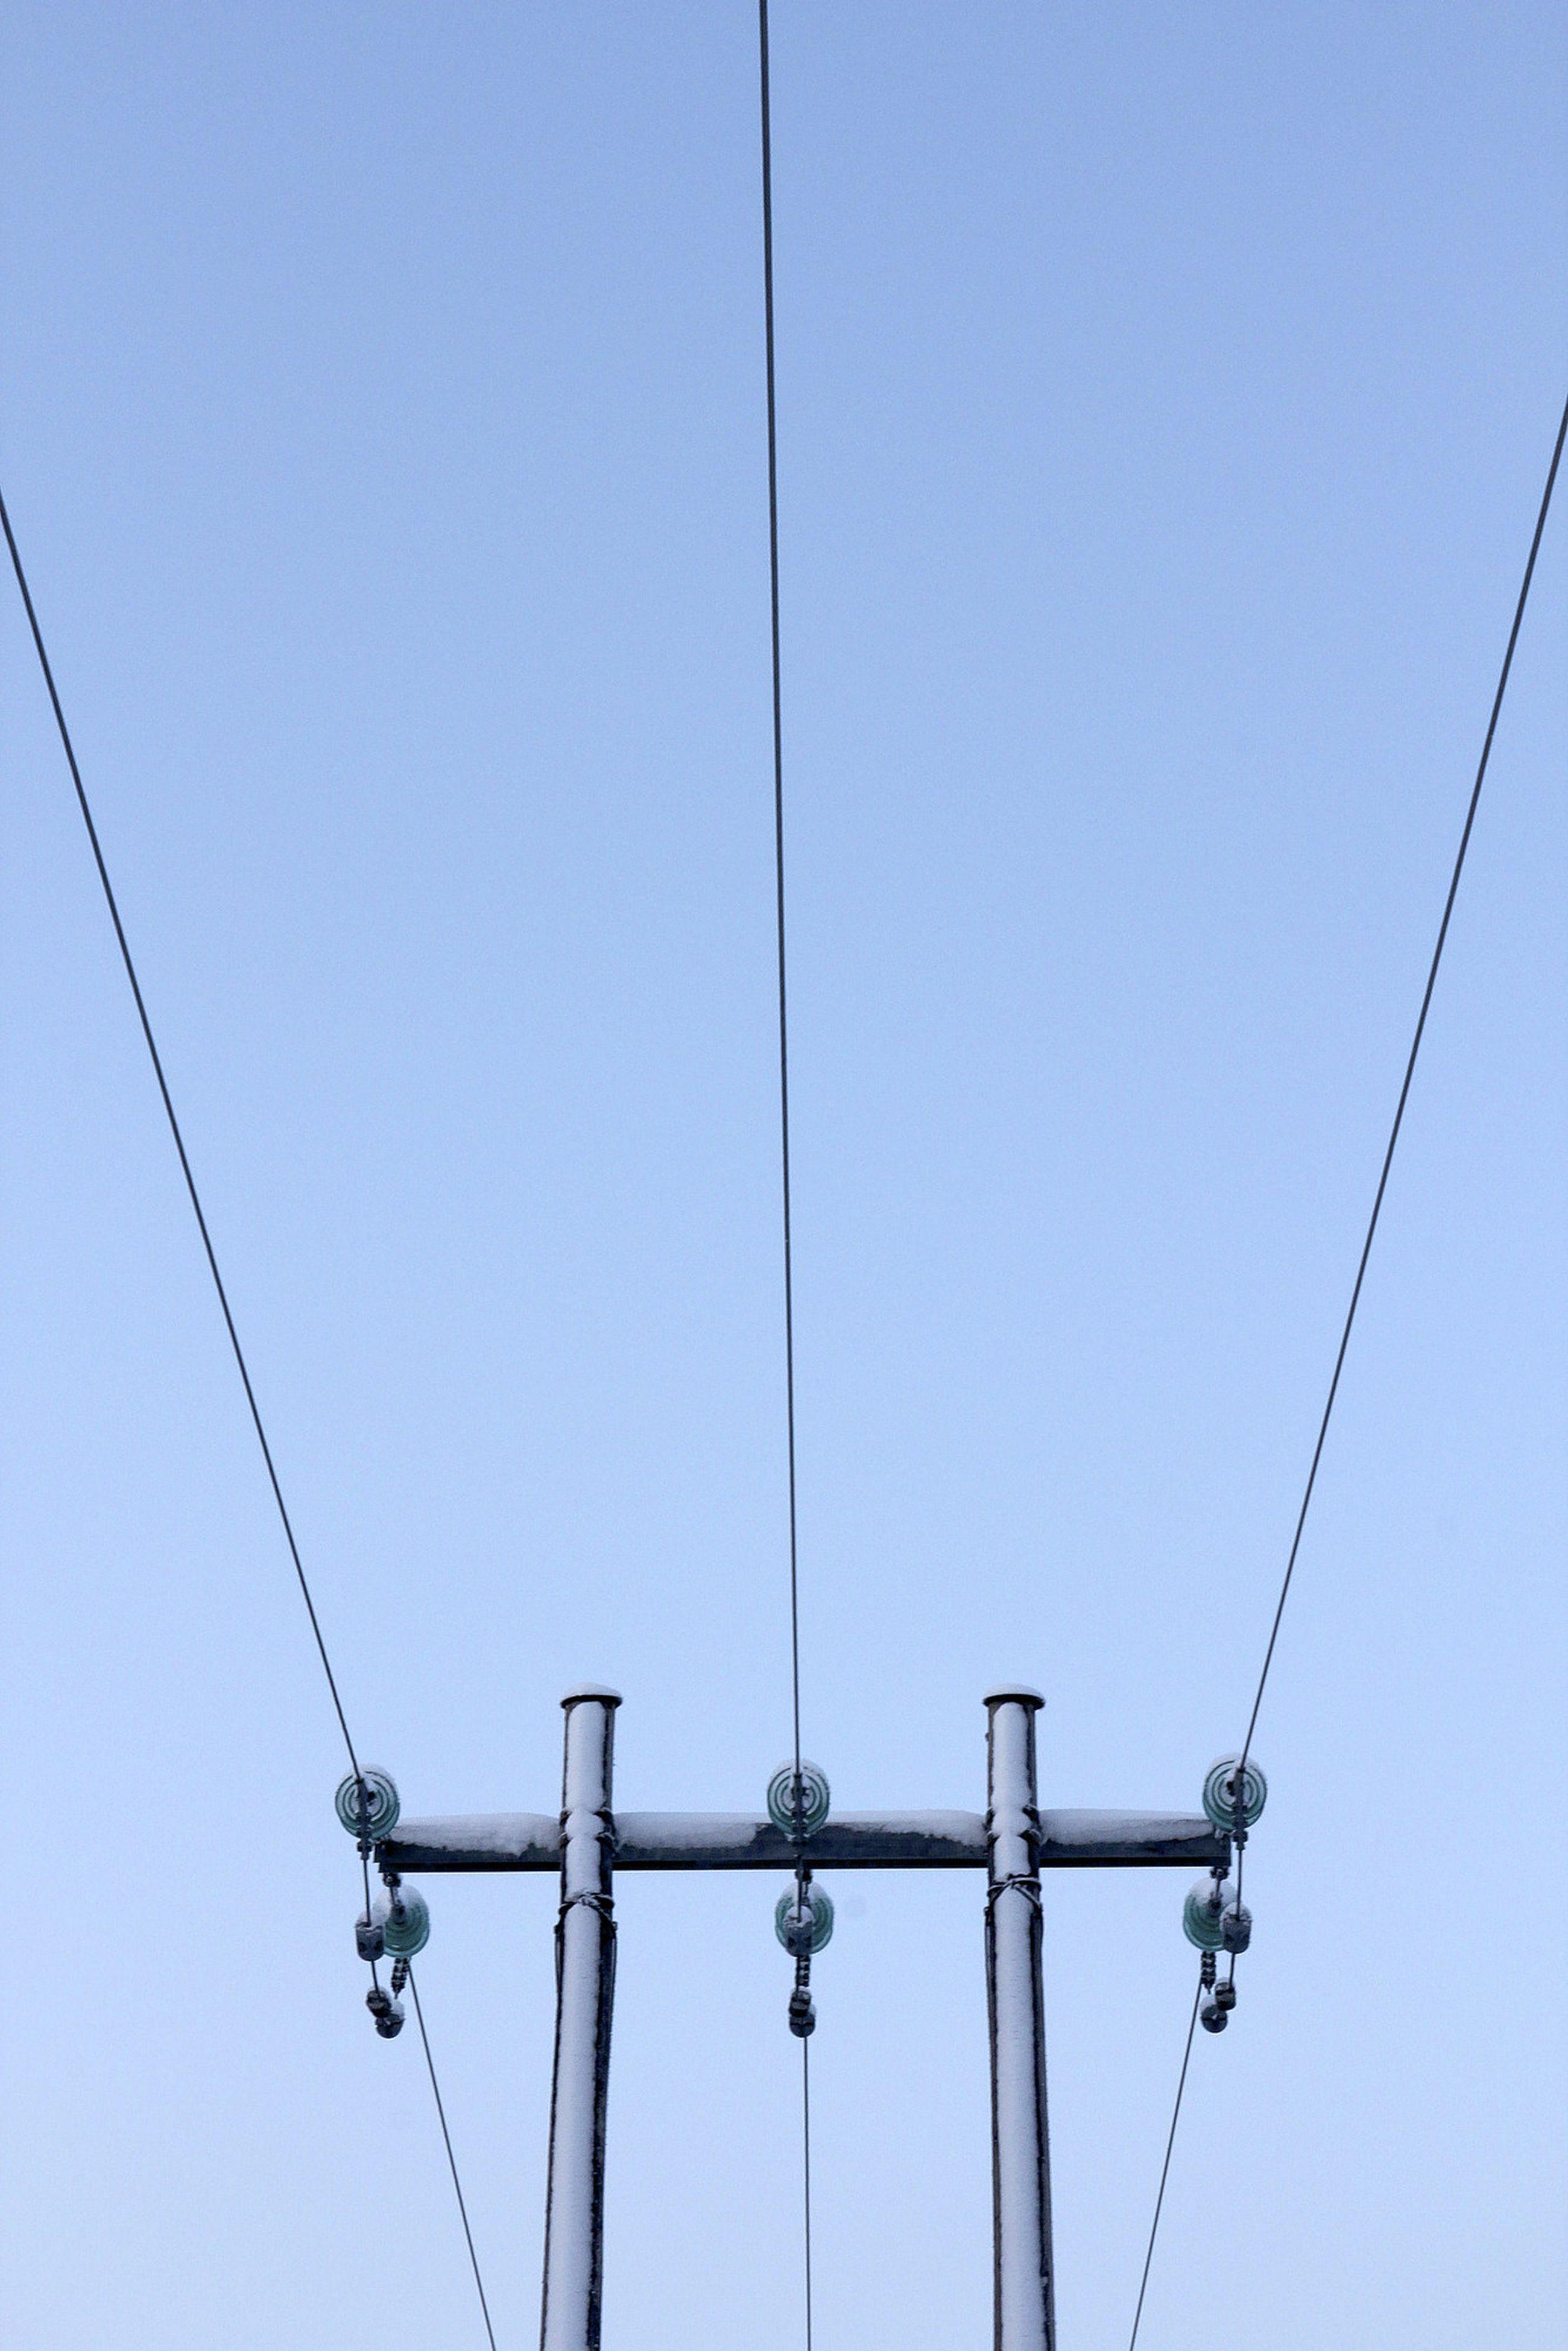 Sähkönsiirto Rovaniemi